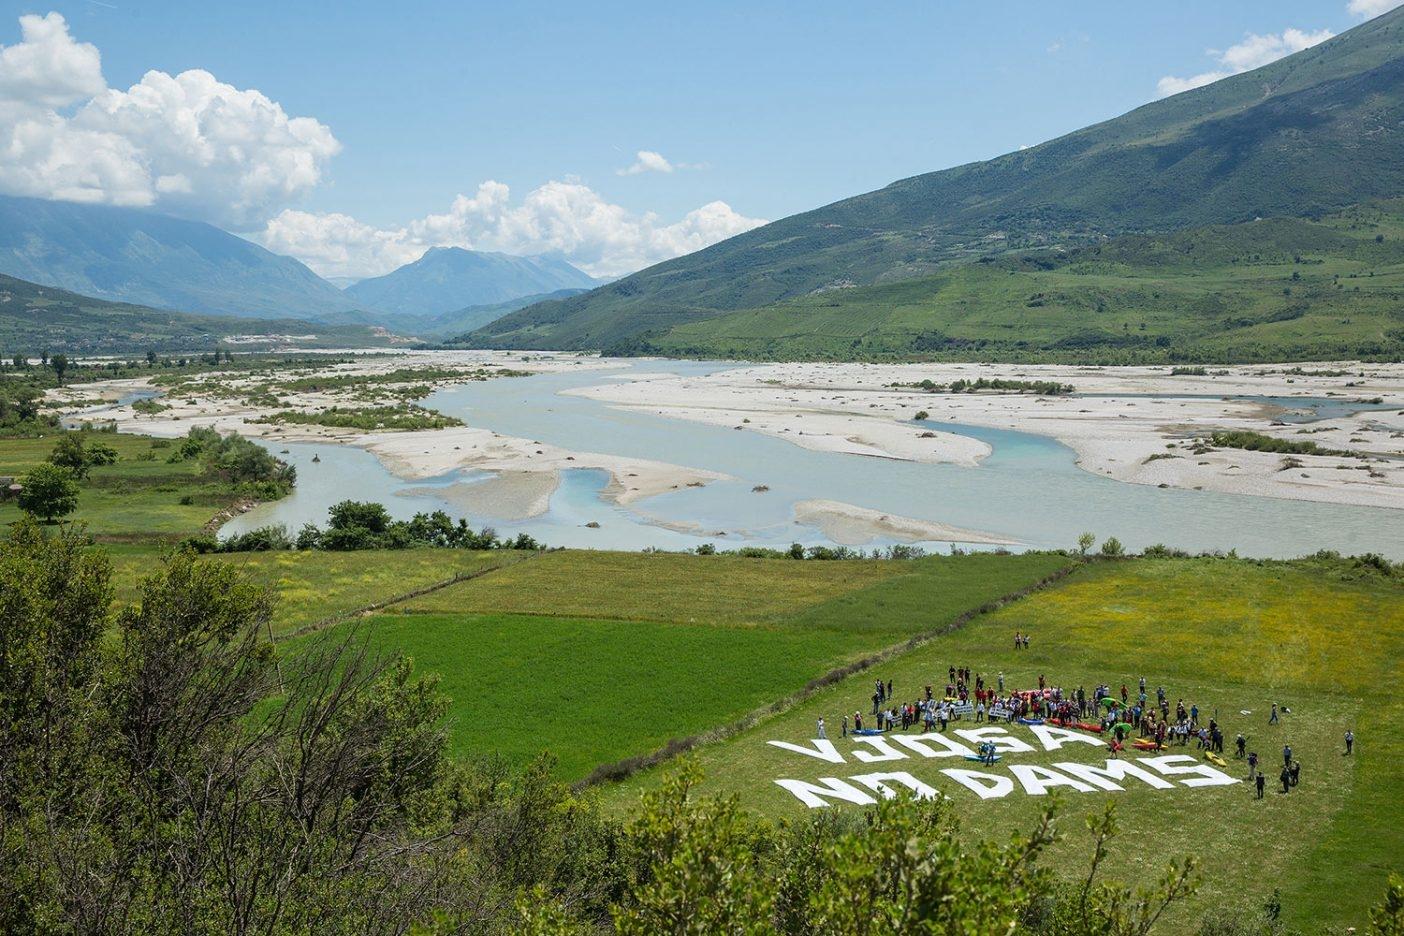 バルカン・リバー・ツアーのパドラーがヨーロッパ全土で最大の原生河川であるヴョサ川の河岸に集った。スロベニア出身の元オリンピックのボート競技選手ロック・ロズマンがパドラー集団を先導したのは、6か国にまたがる23の川、ほぼ390キロの距離におよぶ。バルカン地方の河川がさらされている危機に対する認識をより高め、この場所の手つかずの野生の特徴をヨーロッパおよび世界中の人びとに紹介するためだ。Photo: Andrew Burr